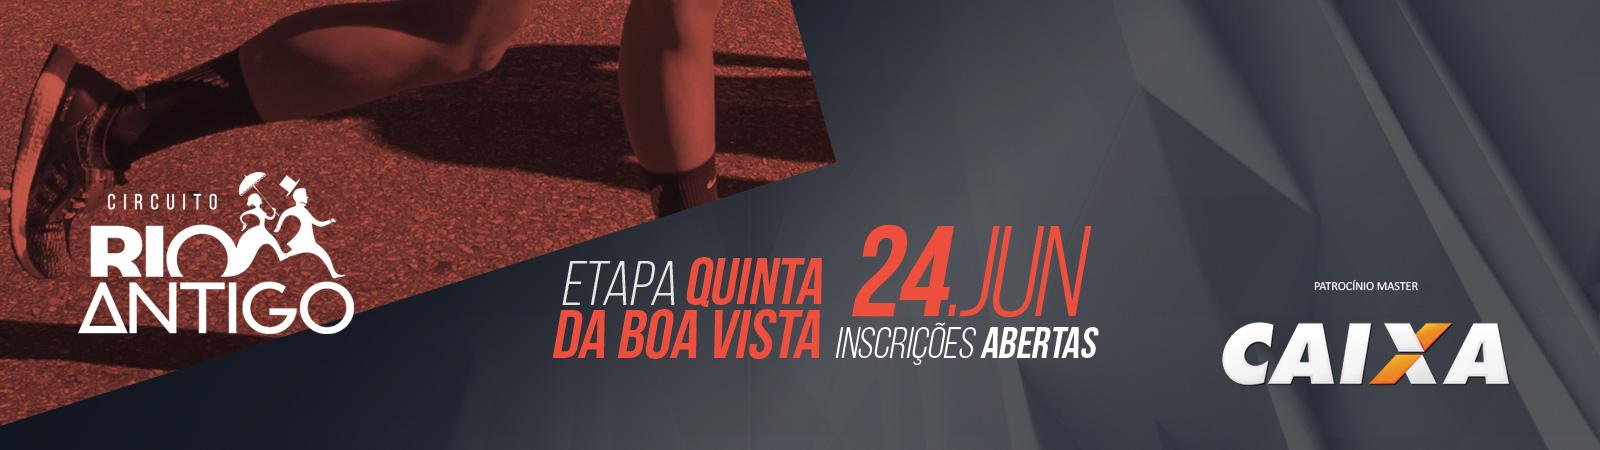 CIRCUITO RIO ANTIGO 2018 - Etapa Quinta da Boa Vista